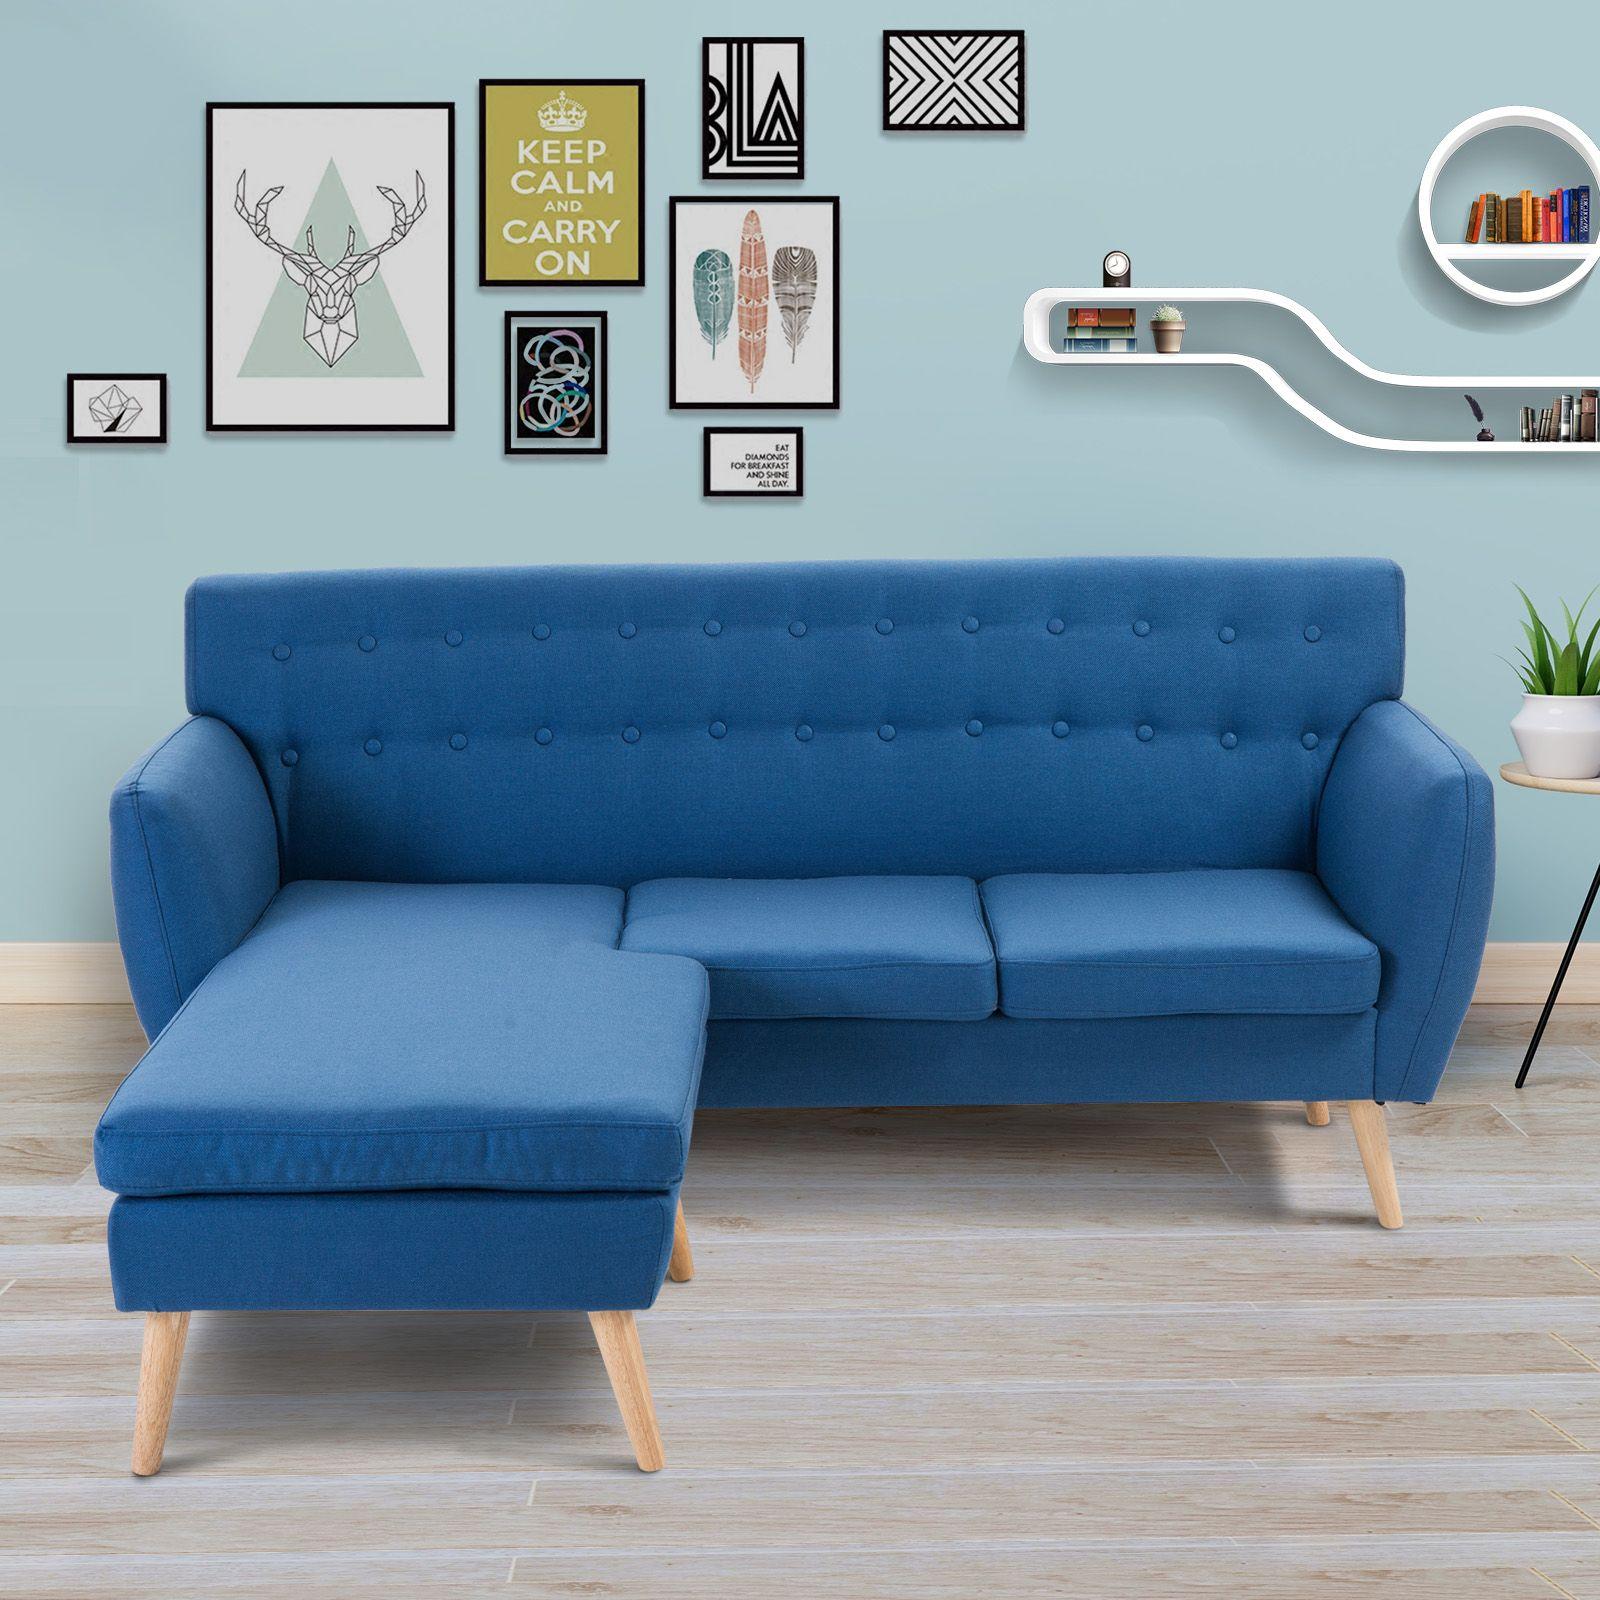 Ecksofa Gunstig Online Kaufen Billige Ecksofa Kaufen Online Vintage Furniture Stores Australia Sofabord Design Schlaf Sofa Sofa Couch Design Schlafsofa